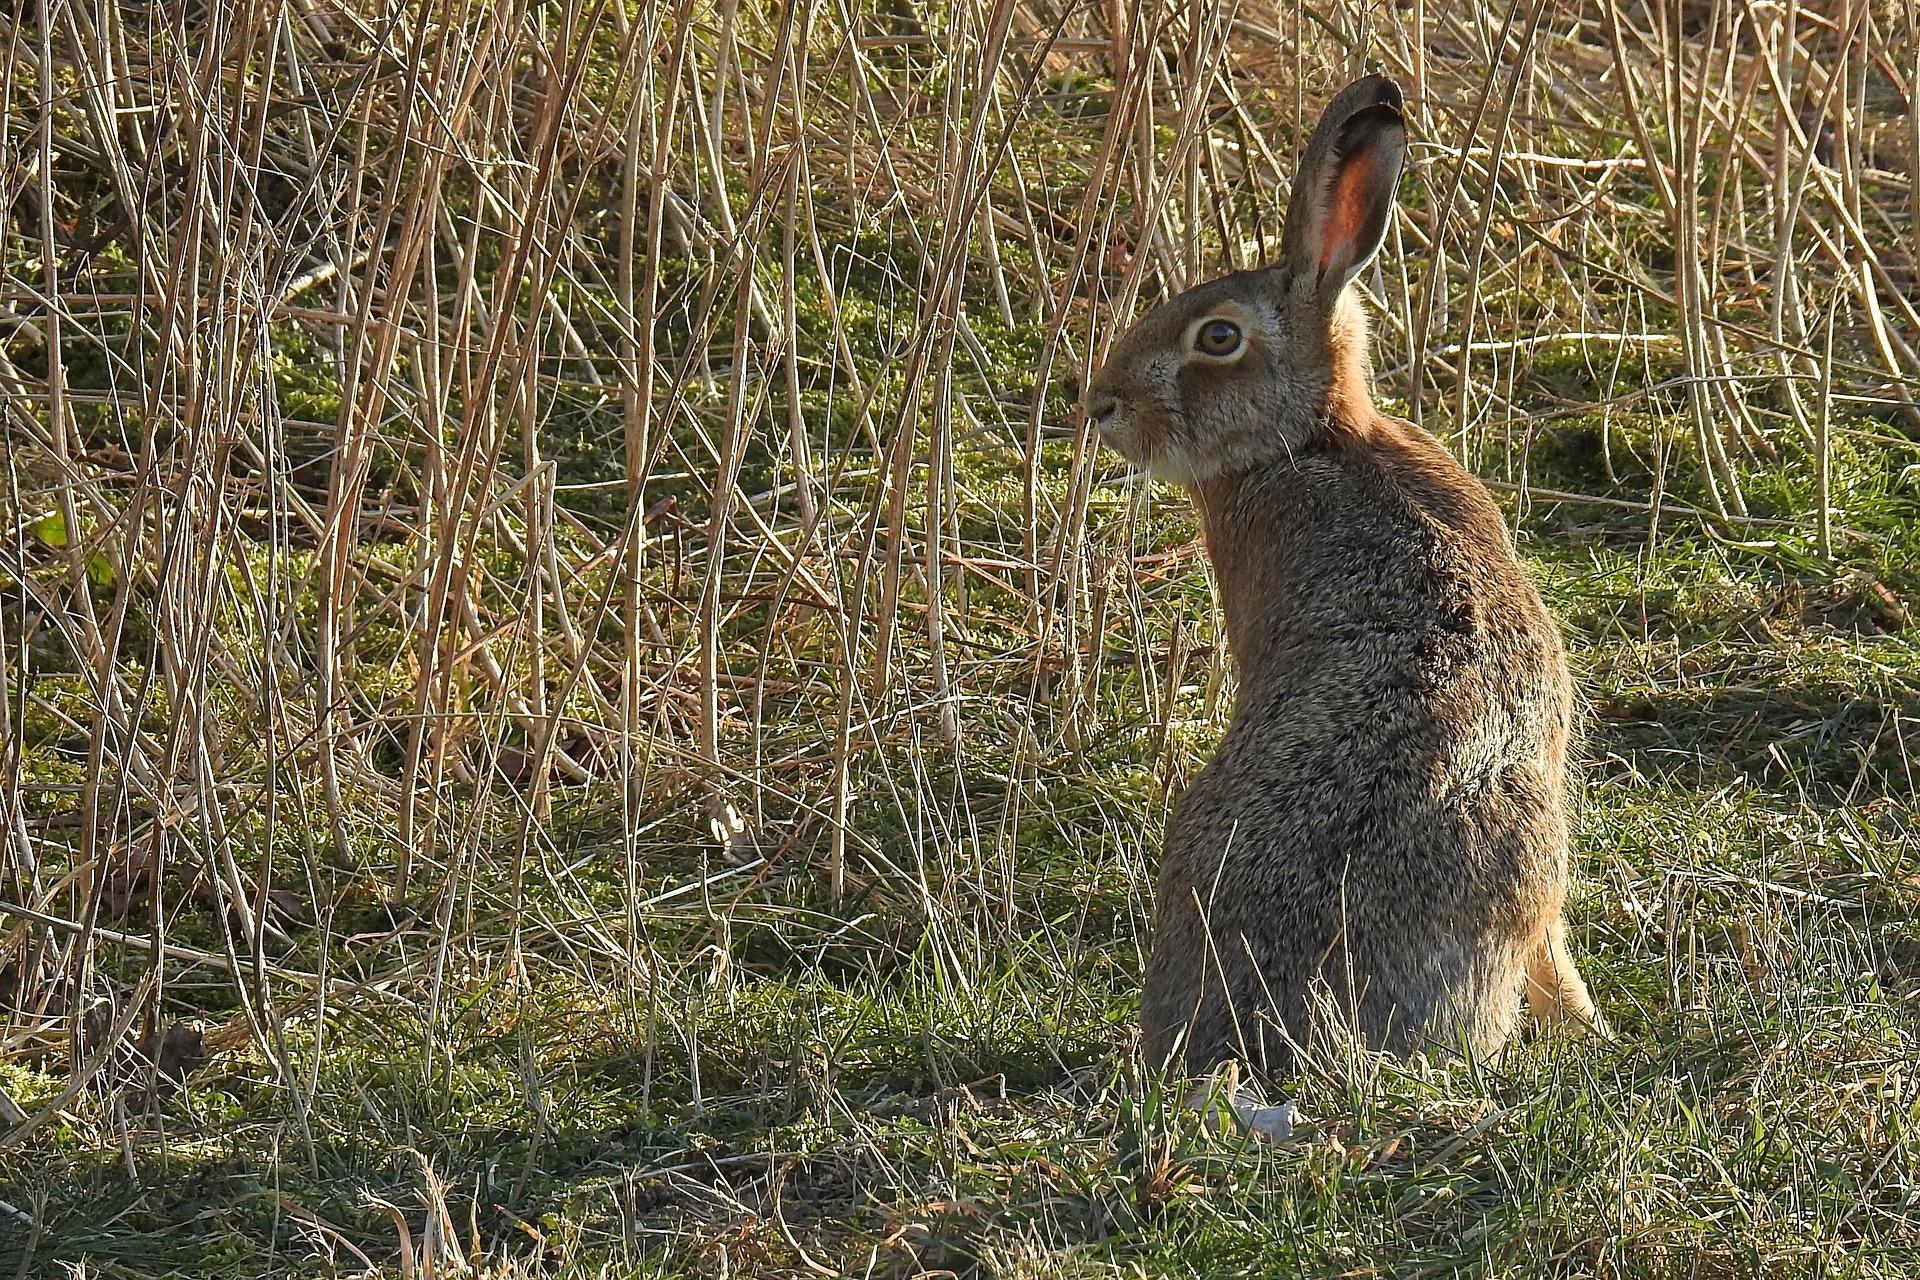 hare-3186347_1920.jpg